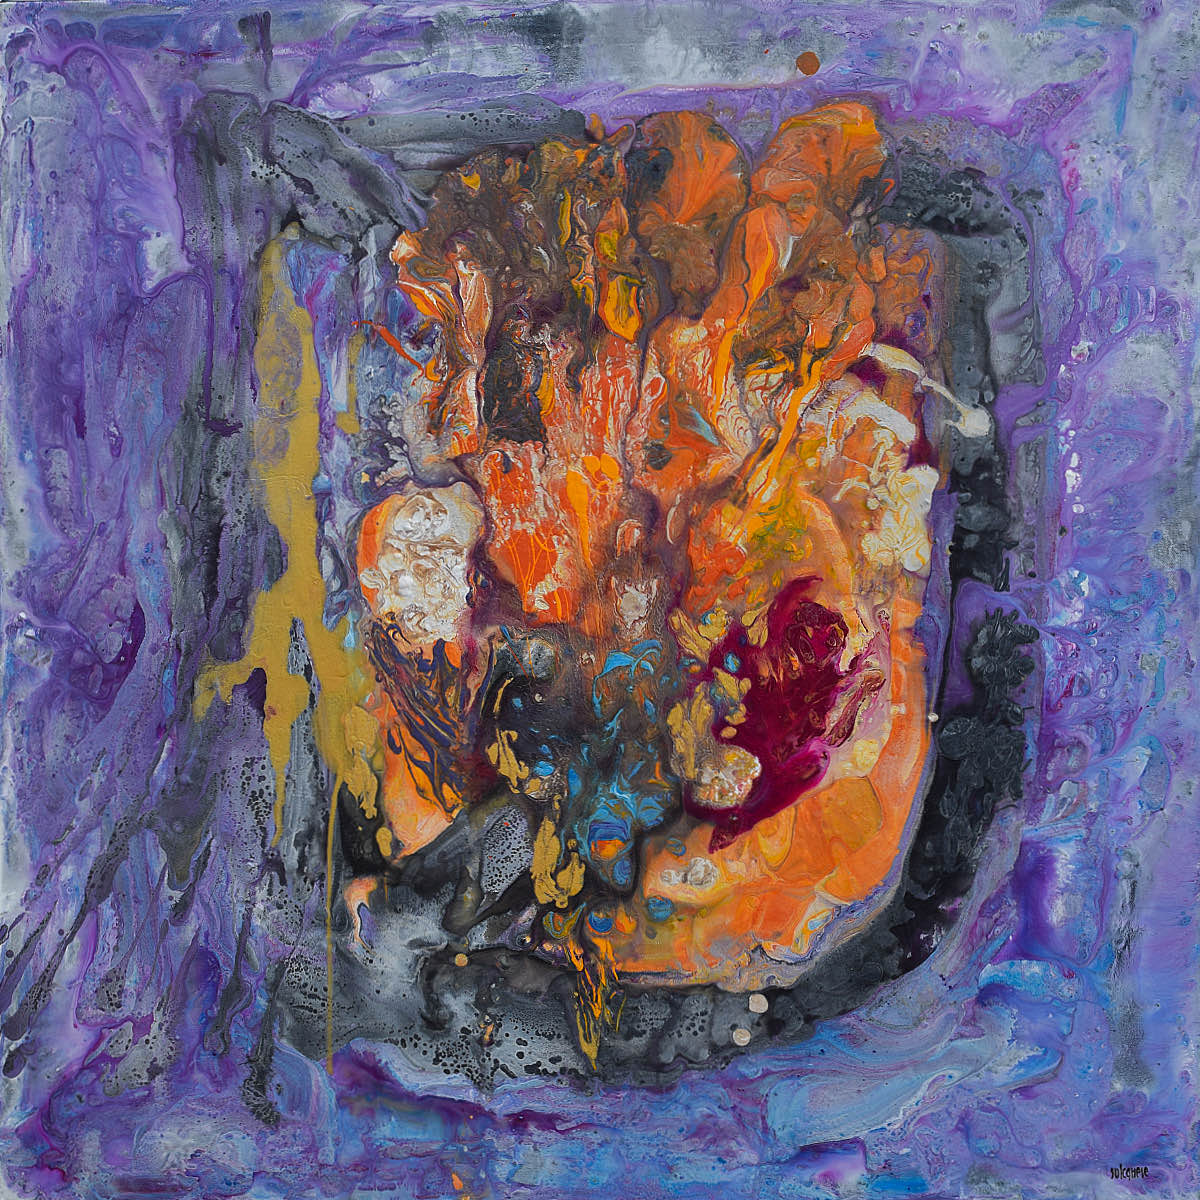 Ciclo Piccoli Universi: Il suono nascosto del silenzio, 2019, tecnica mista su tela, cm. 80x80x4,5